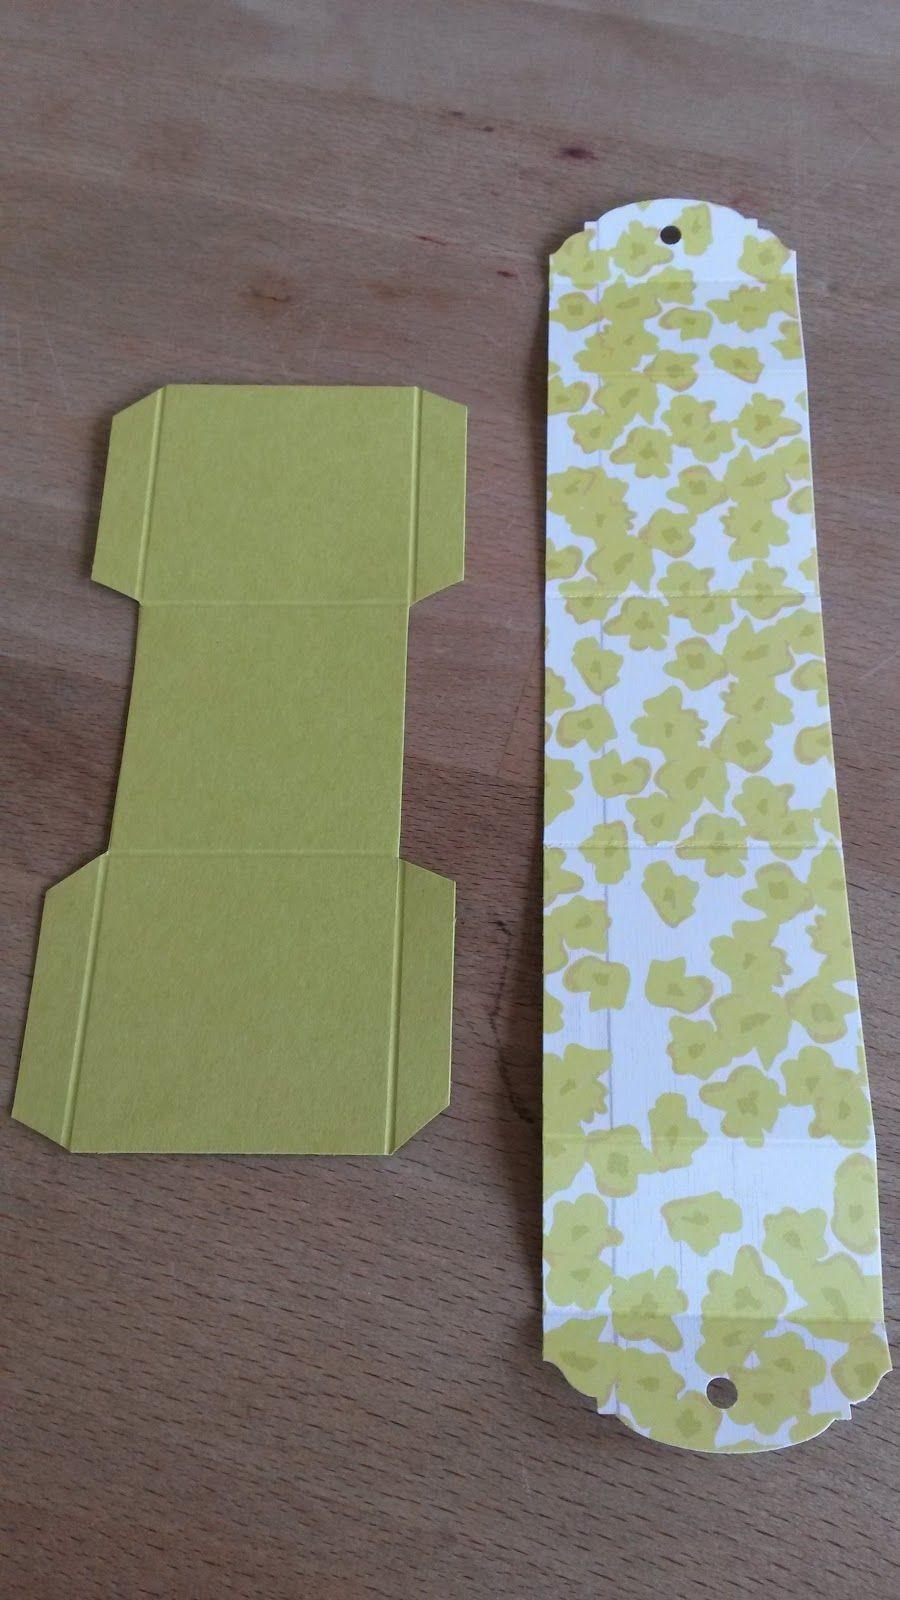 Papercraft Gift Box Guten Morgen Ihr Lieben Ich Finde Kleine Boxen Ja sooo toll Es ist